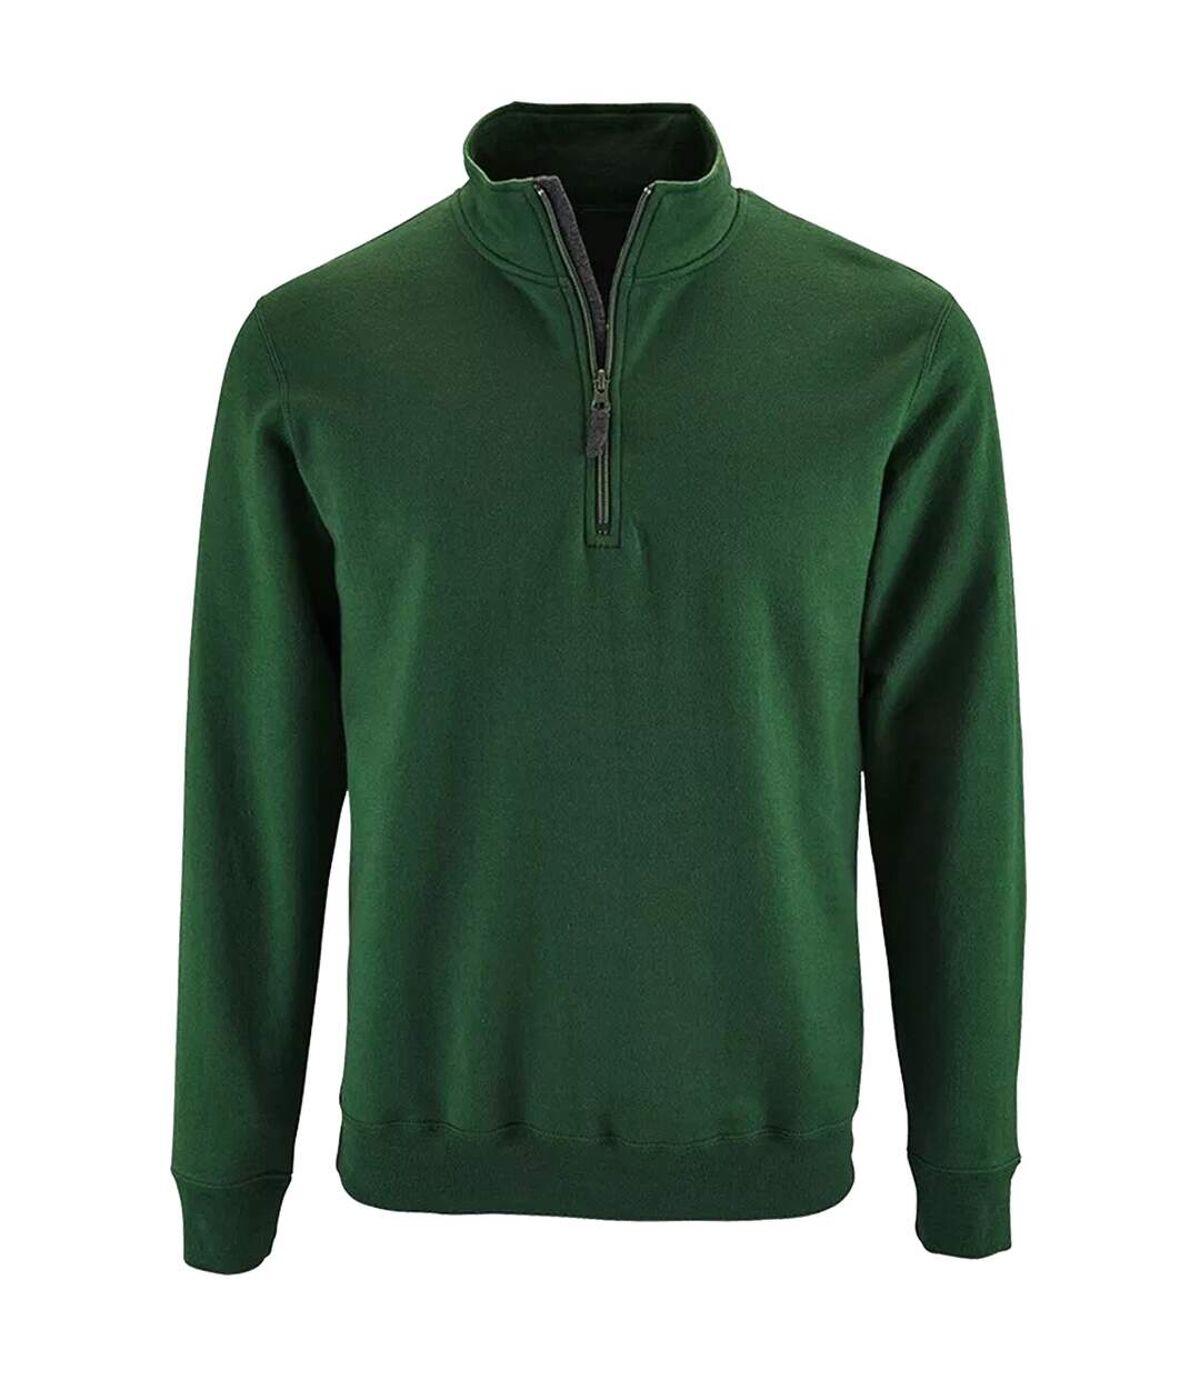 SOLS Mens Stan Contrast Zip Neck Sweatshirt (Bottle Green) - UTPC3172